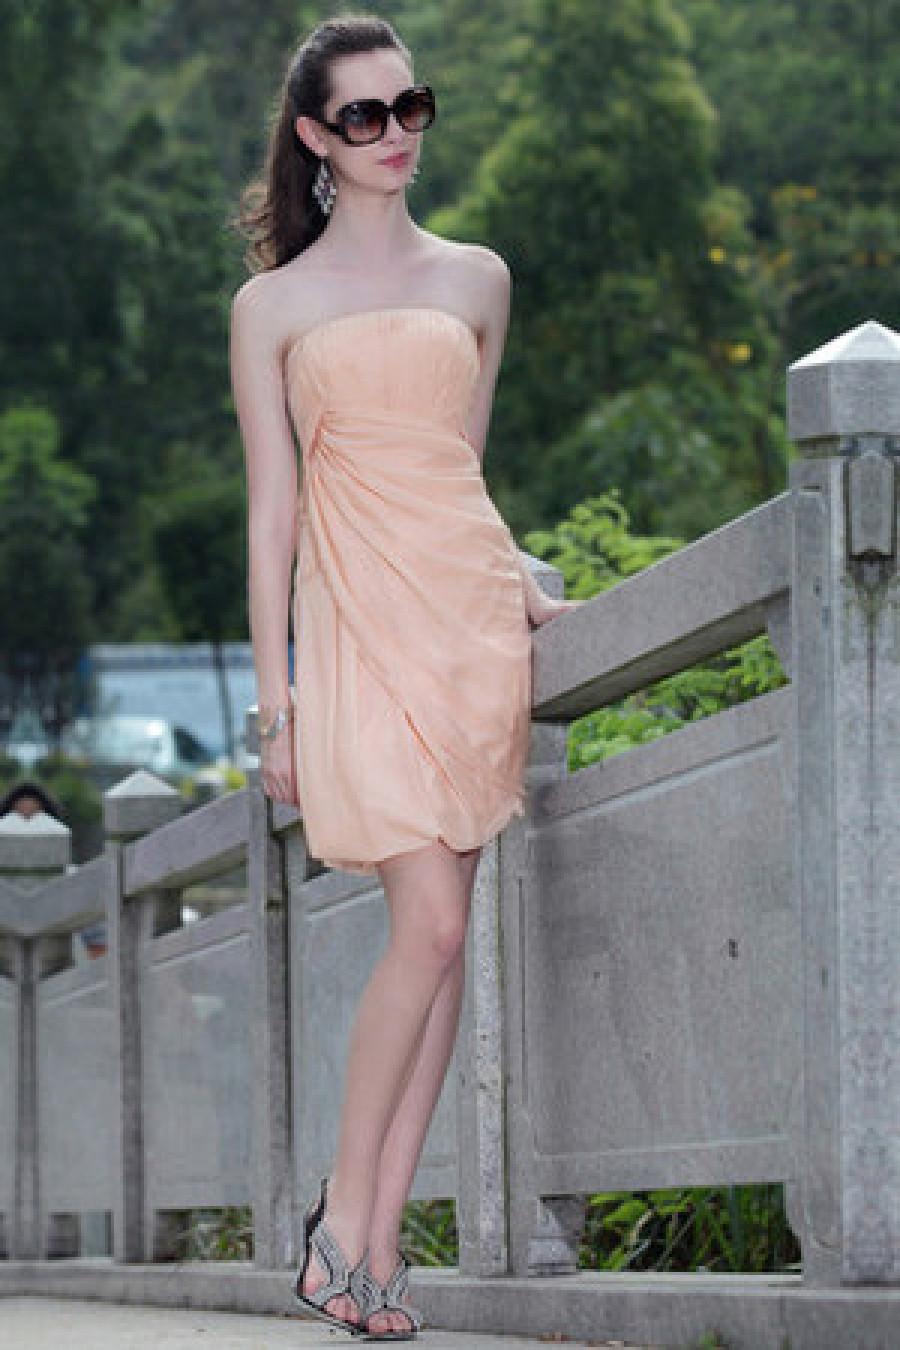 Fabelhafte Kleider im Stil der fünfziger Jahre von Vivien Holloway?